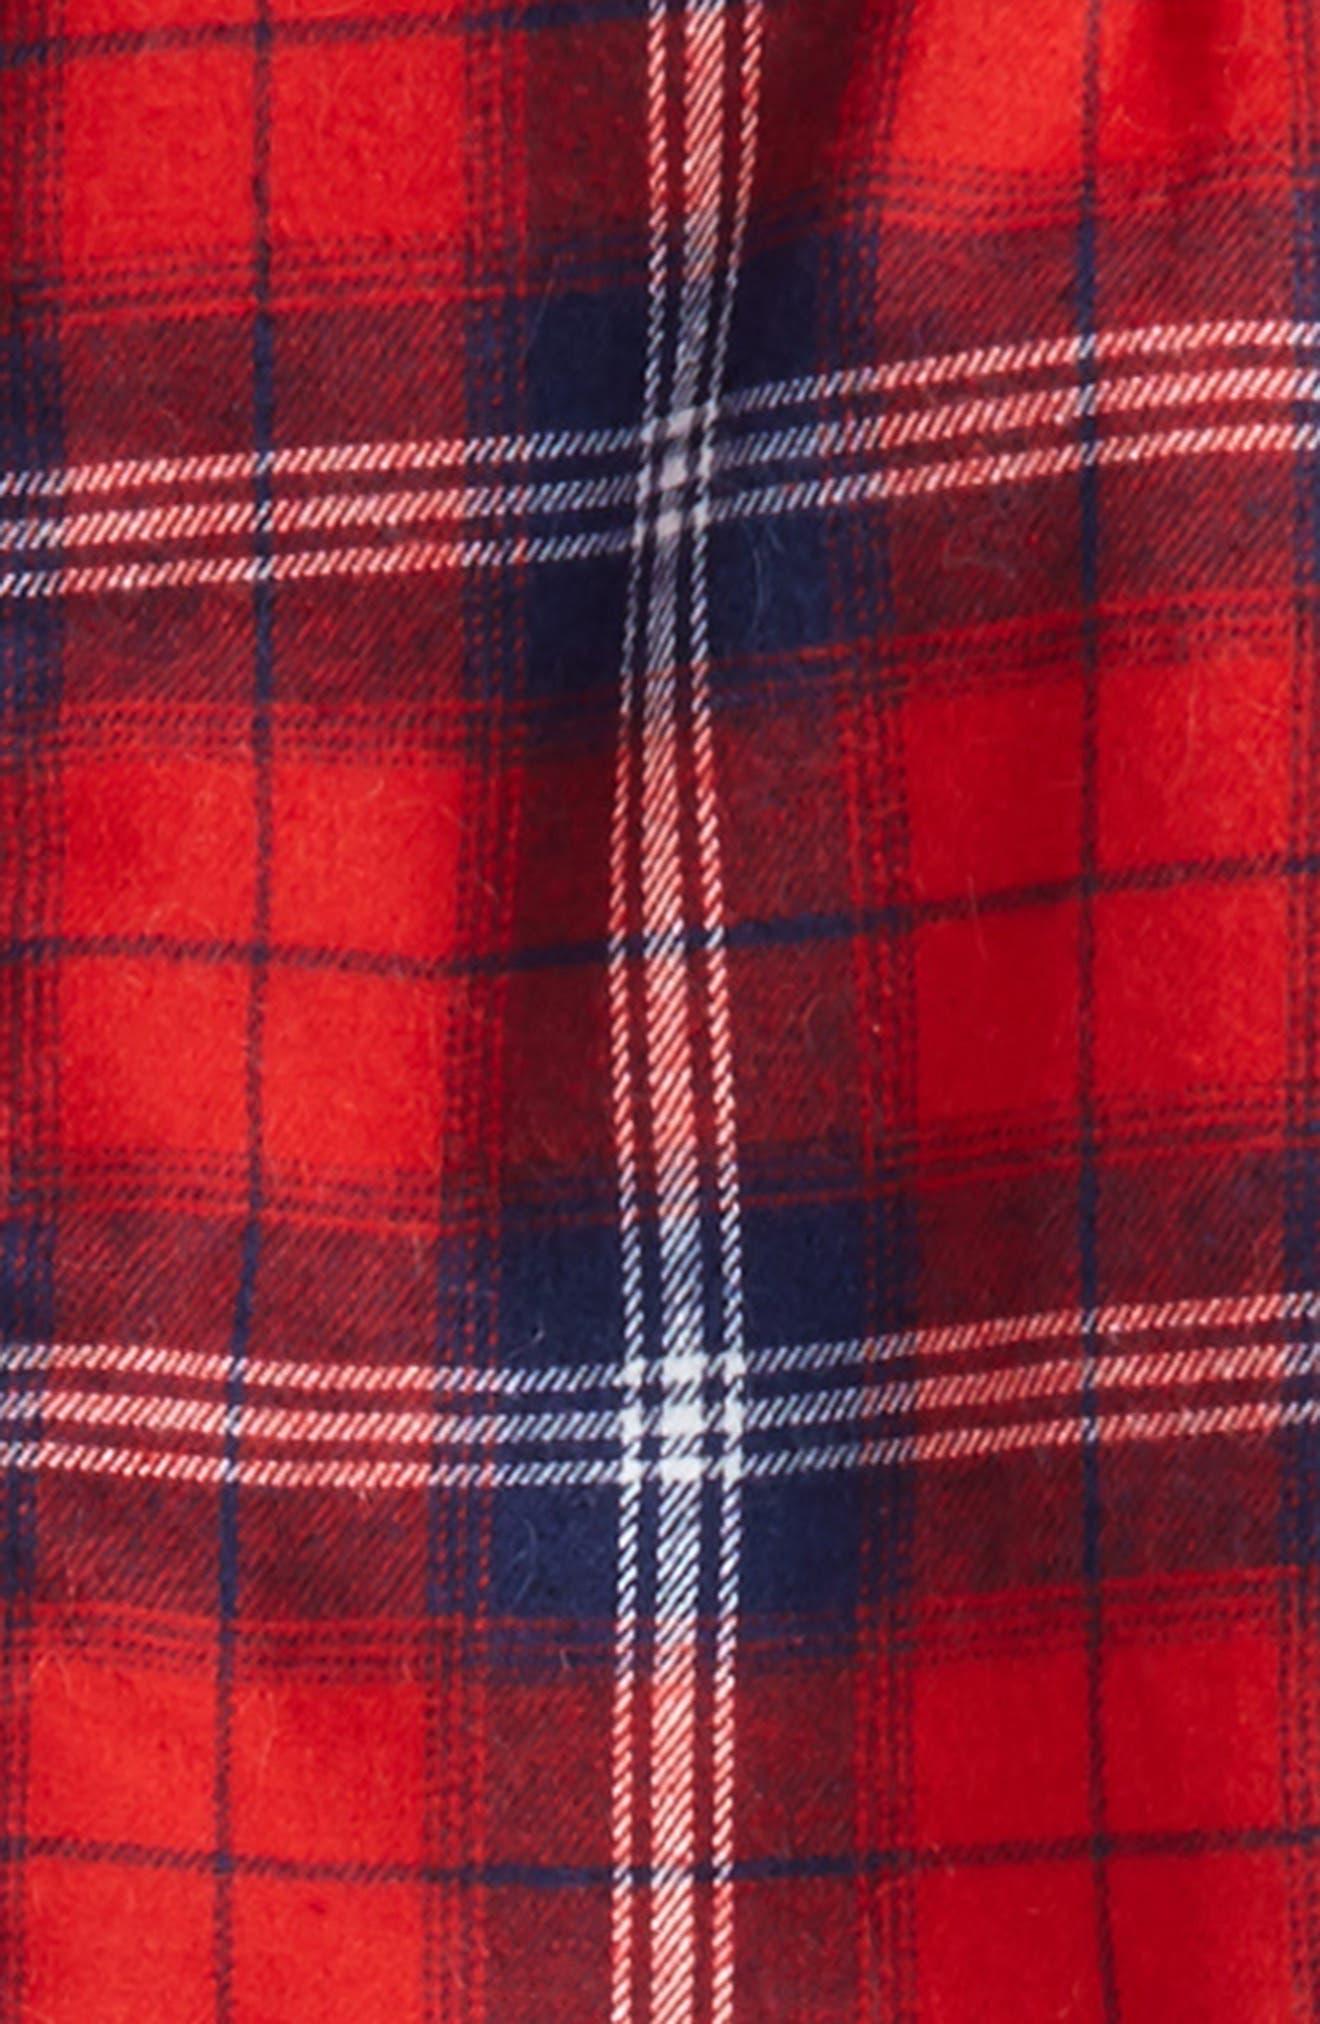 Plaid Faux Fur Lined Shirt & Pants Set,                             Alternate thumbnail 2, color,                             600